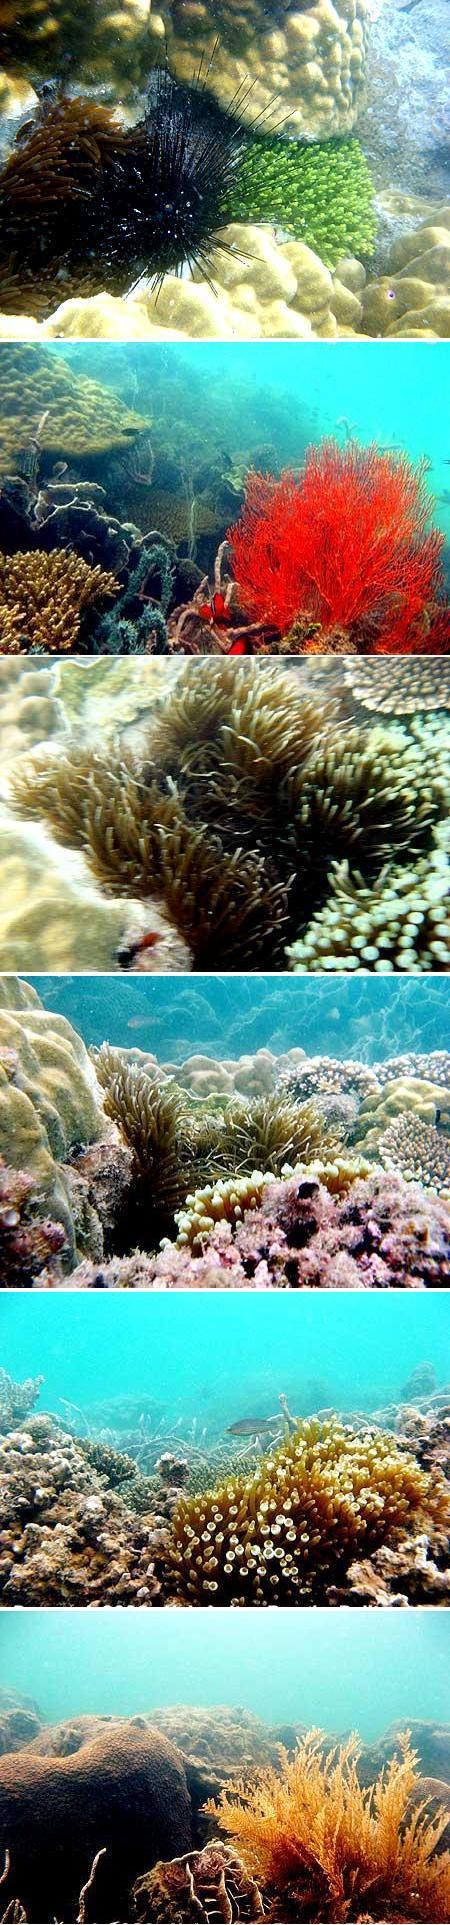 Terumbu karang Pantai Penyusuk yang baik, Bangka (2008)